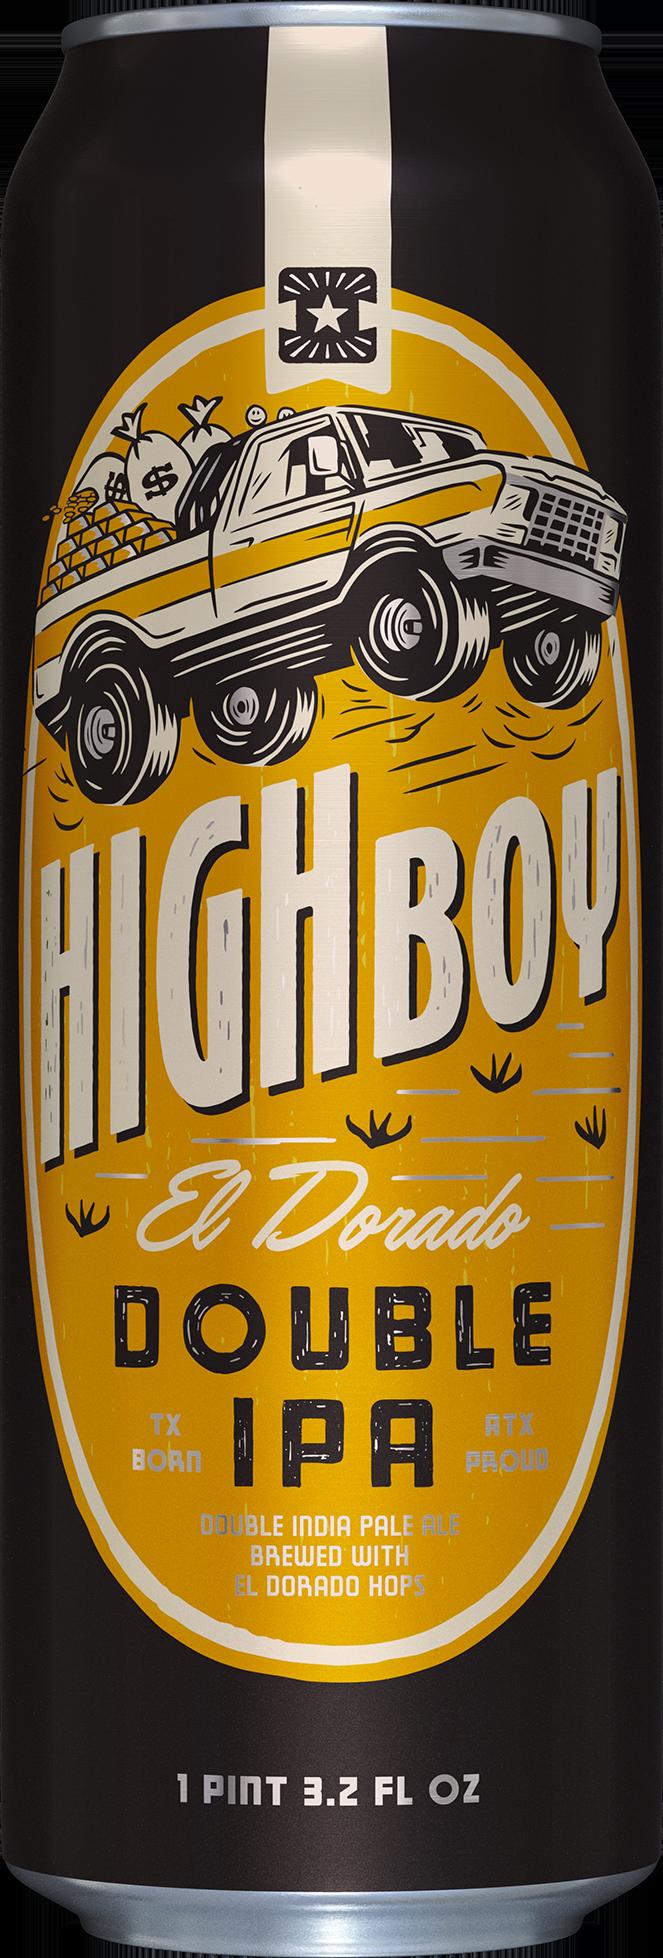 Highboy: El Dorado